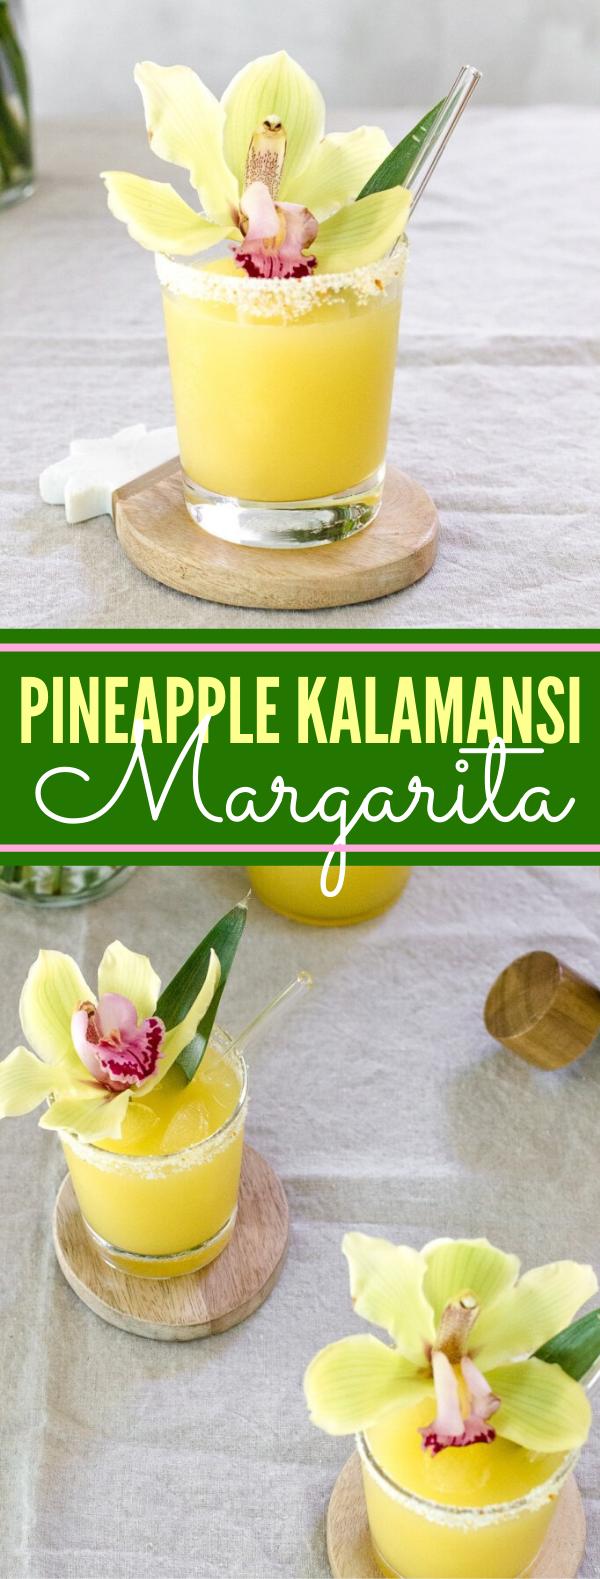 Pineapple Kalamansi Margarita #drinks #cocktails